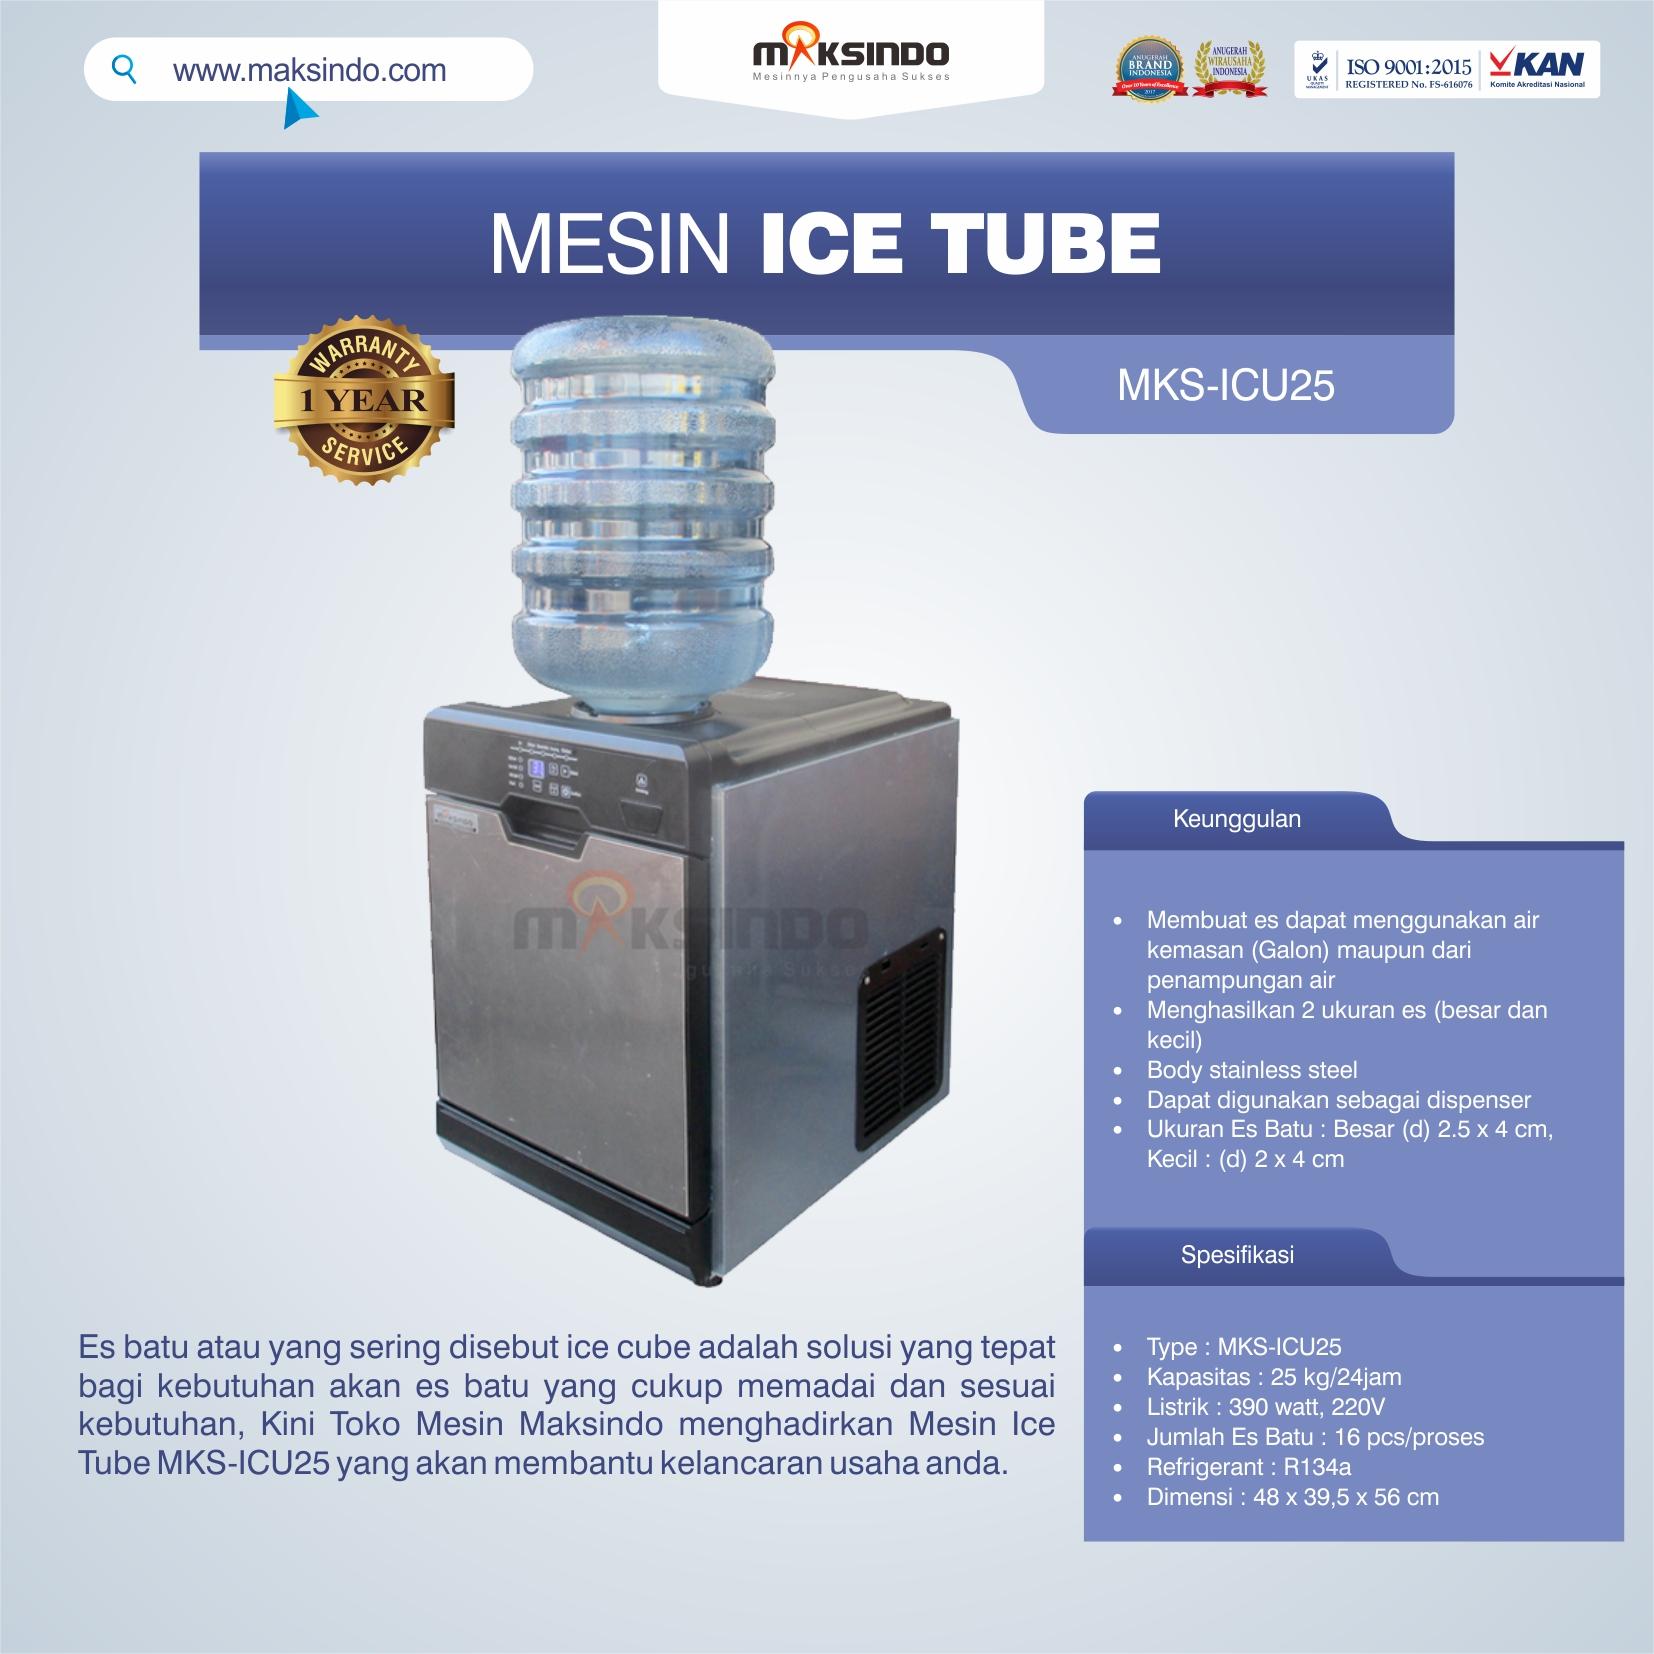 Jual Mesin Ice Tube MKS-ICU25 di Bekasi